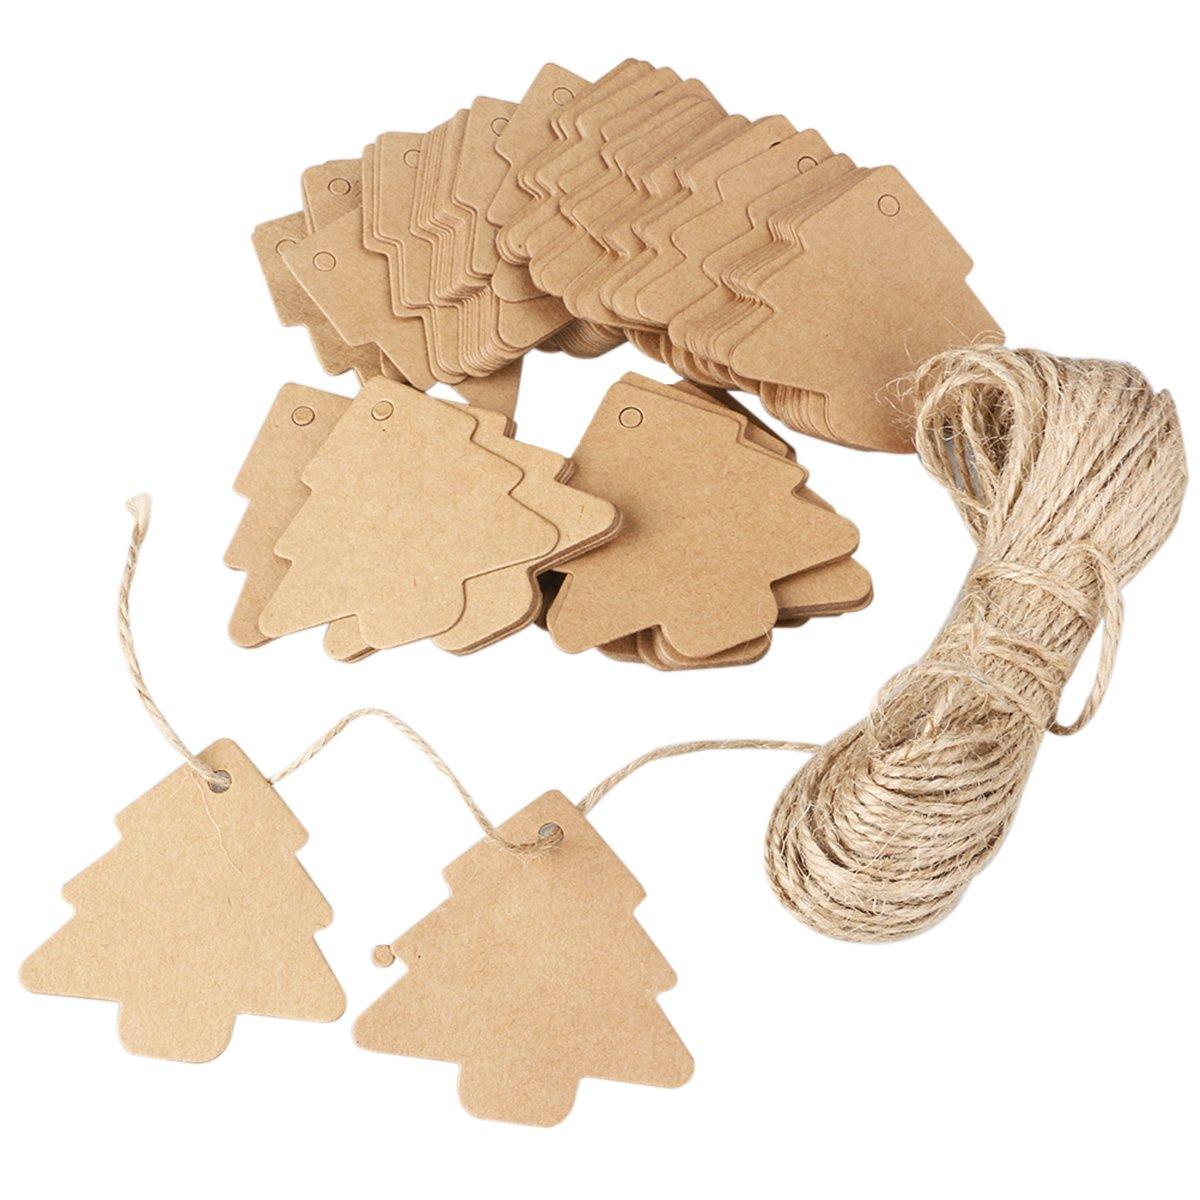 Nuolux Kraft etichette di carta marrone 100pcs albero di Natale Decration con 20 m corda